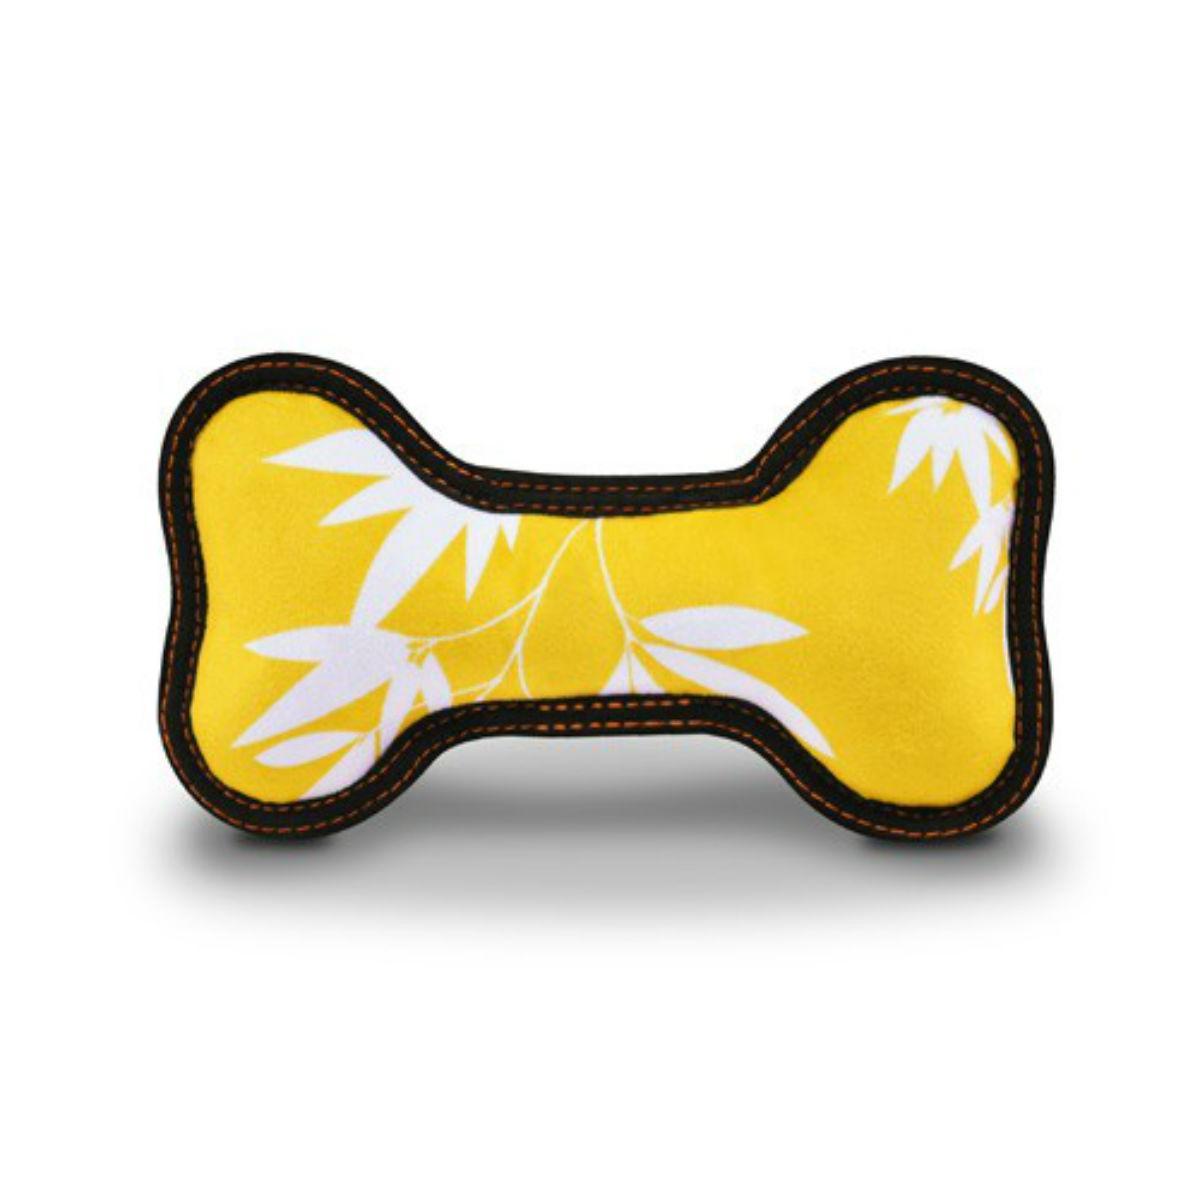 ECO P.L.A.Y. Bone Dog Toy - Bamboo Mustard